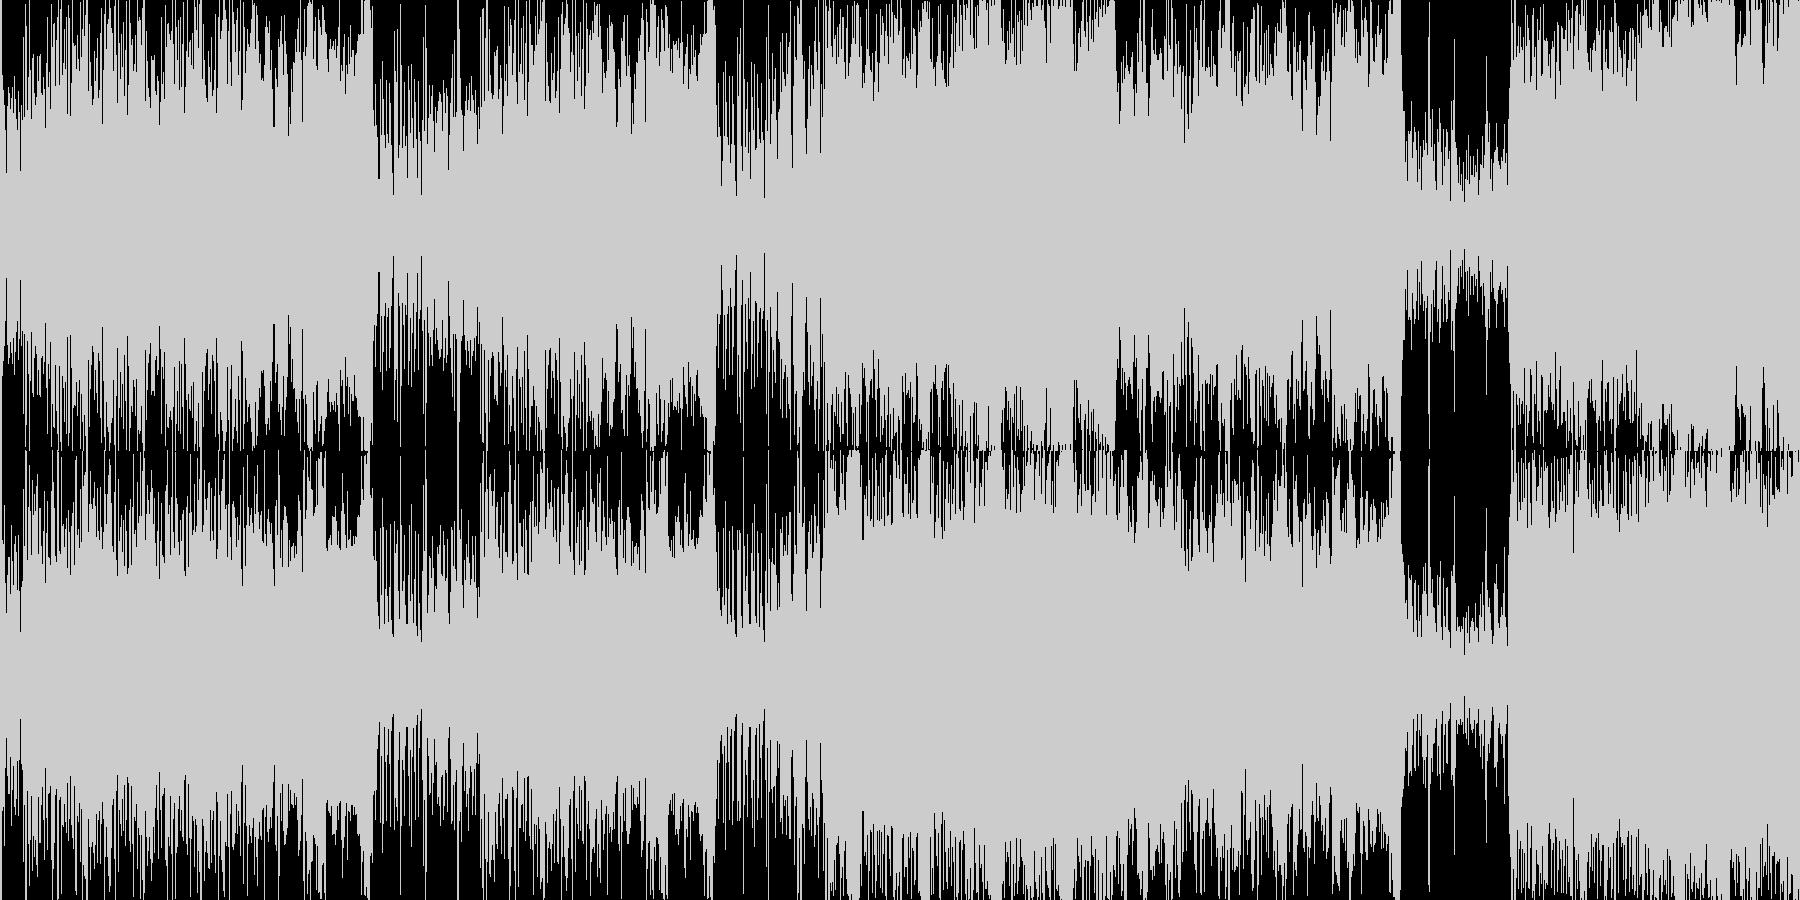 OP行進フルオーケストラの未再生の波形